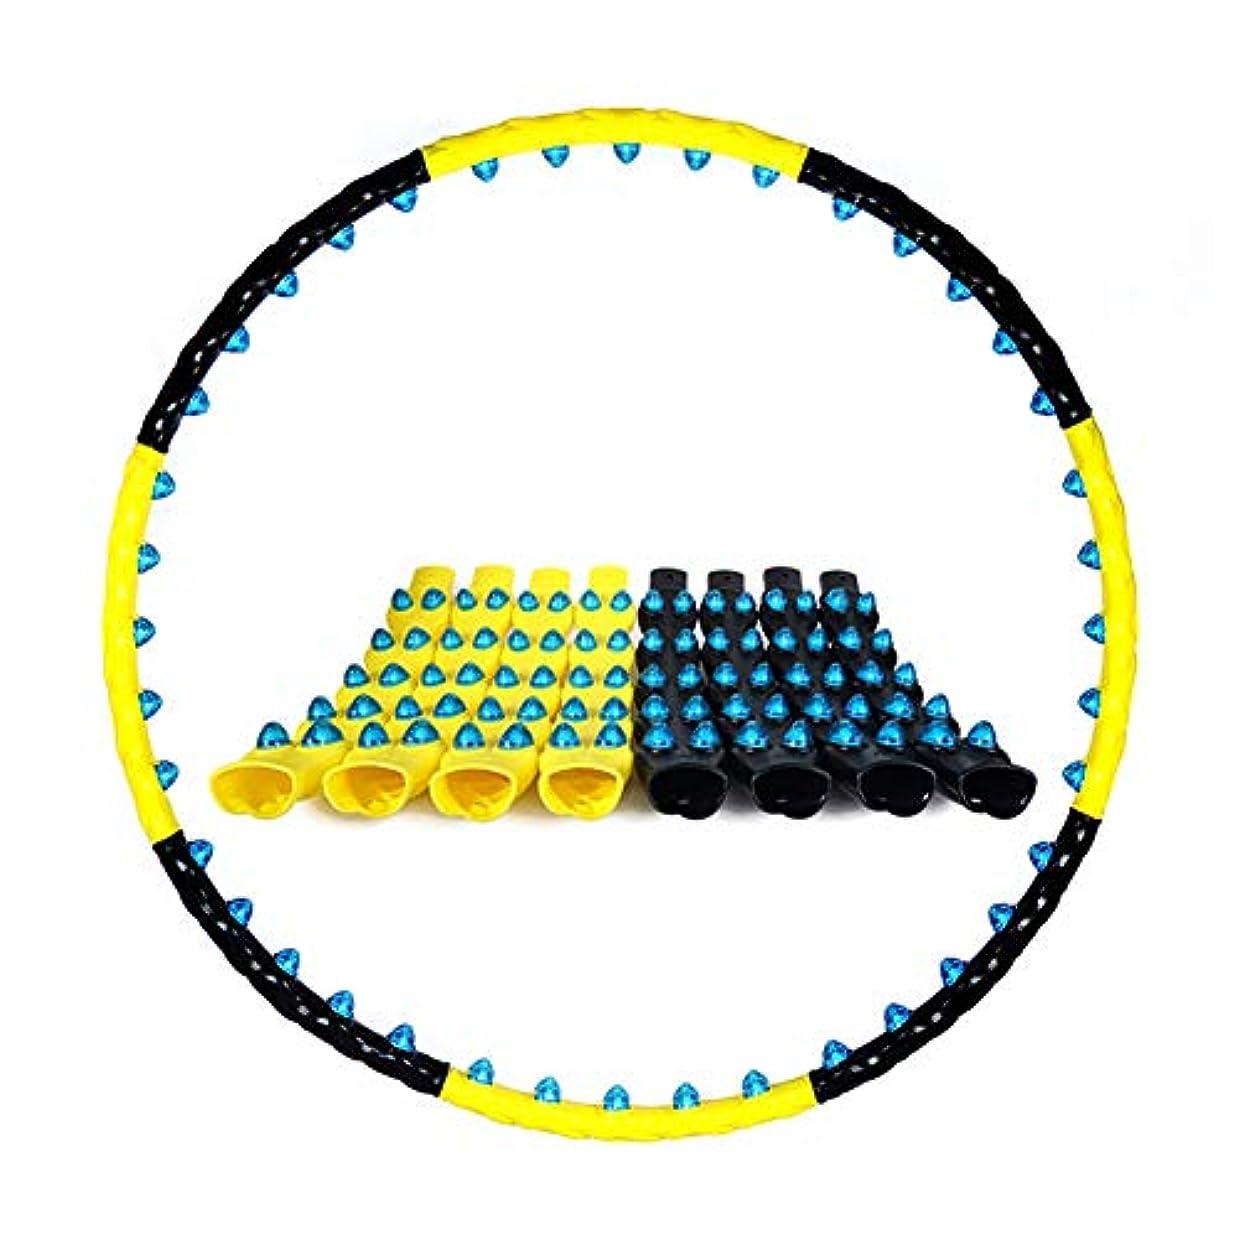 カジュアル苦荒れ地取り外し可能なフラフープ折りたたみウェーブマッサージフラフープフィットネス8セクションフラフープ80マグネット磁気治療鍼マッサージ